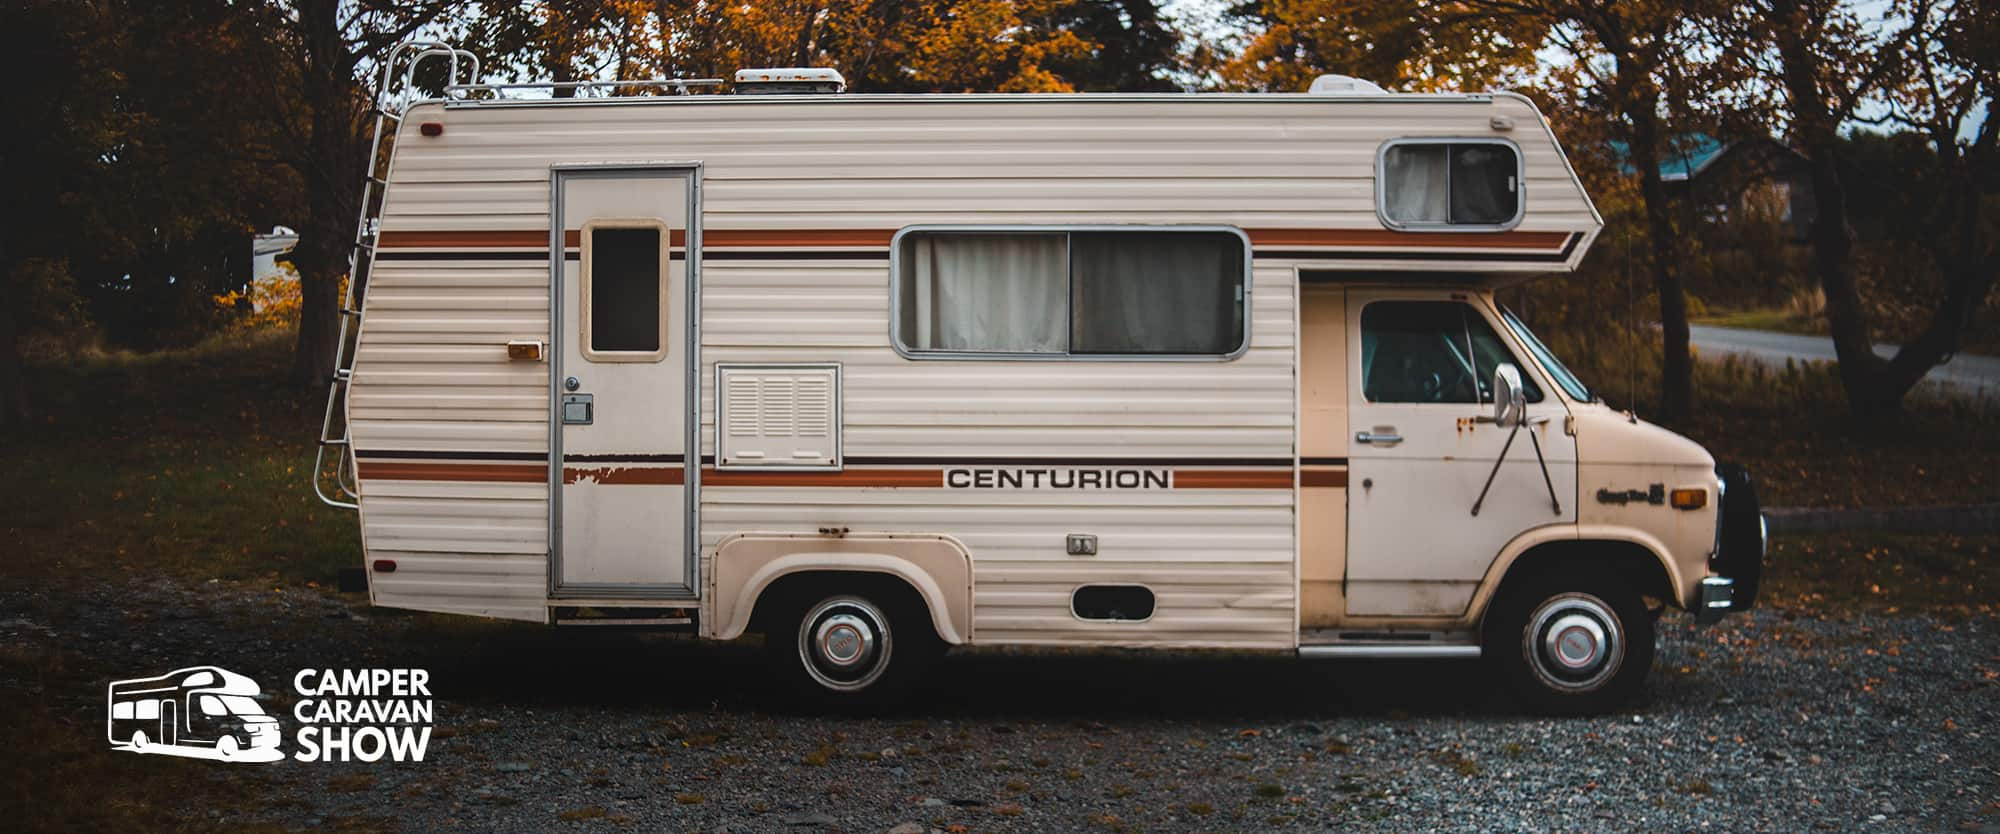 Camper Caravan Show 2021